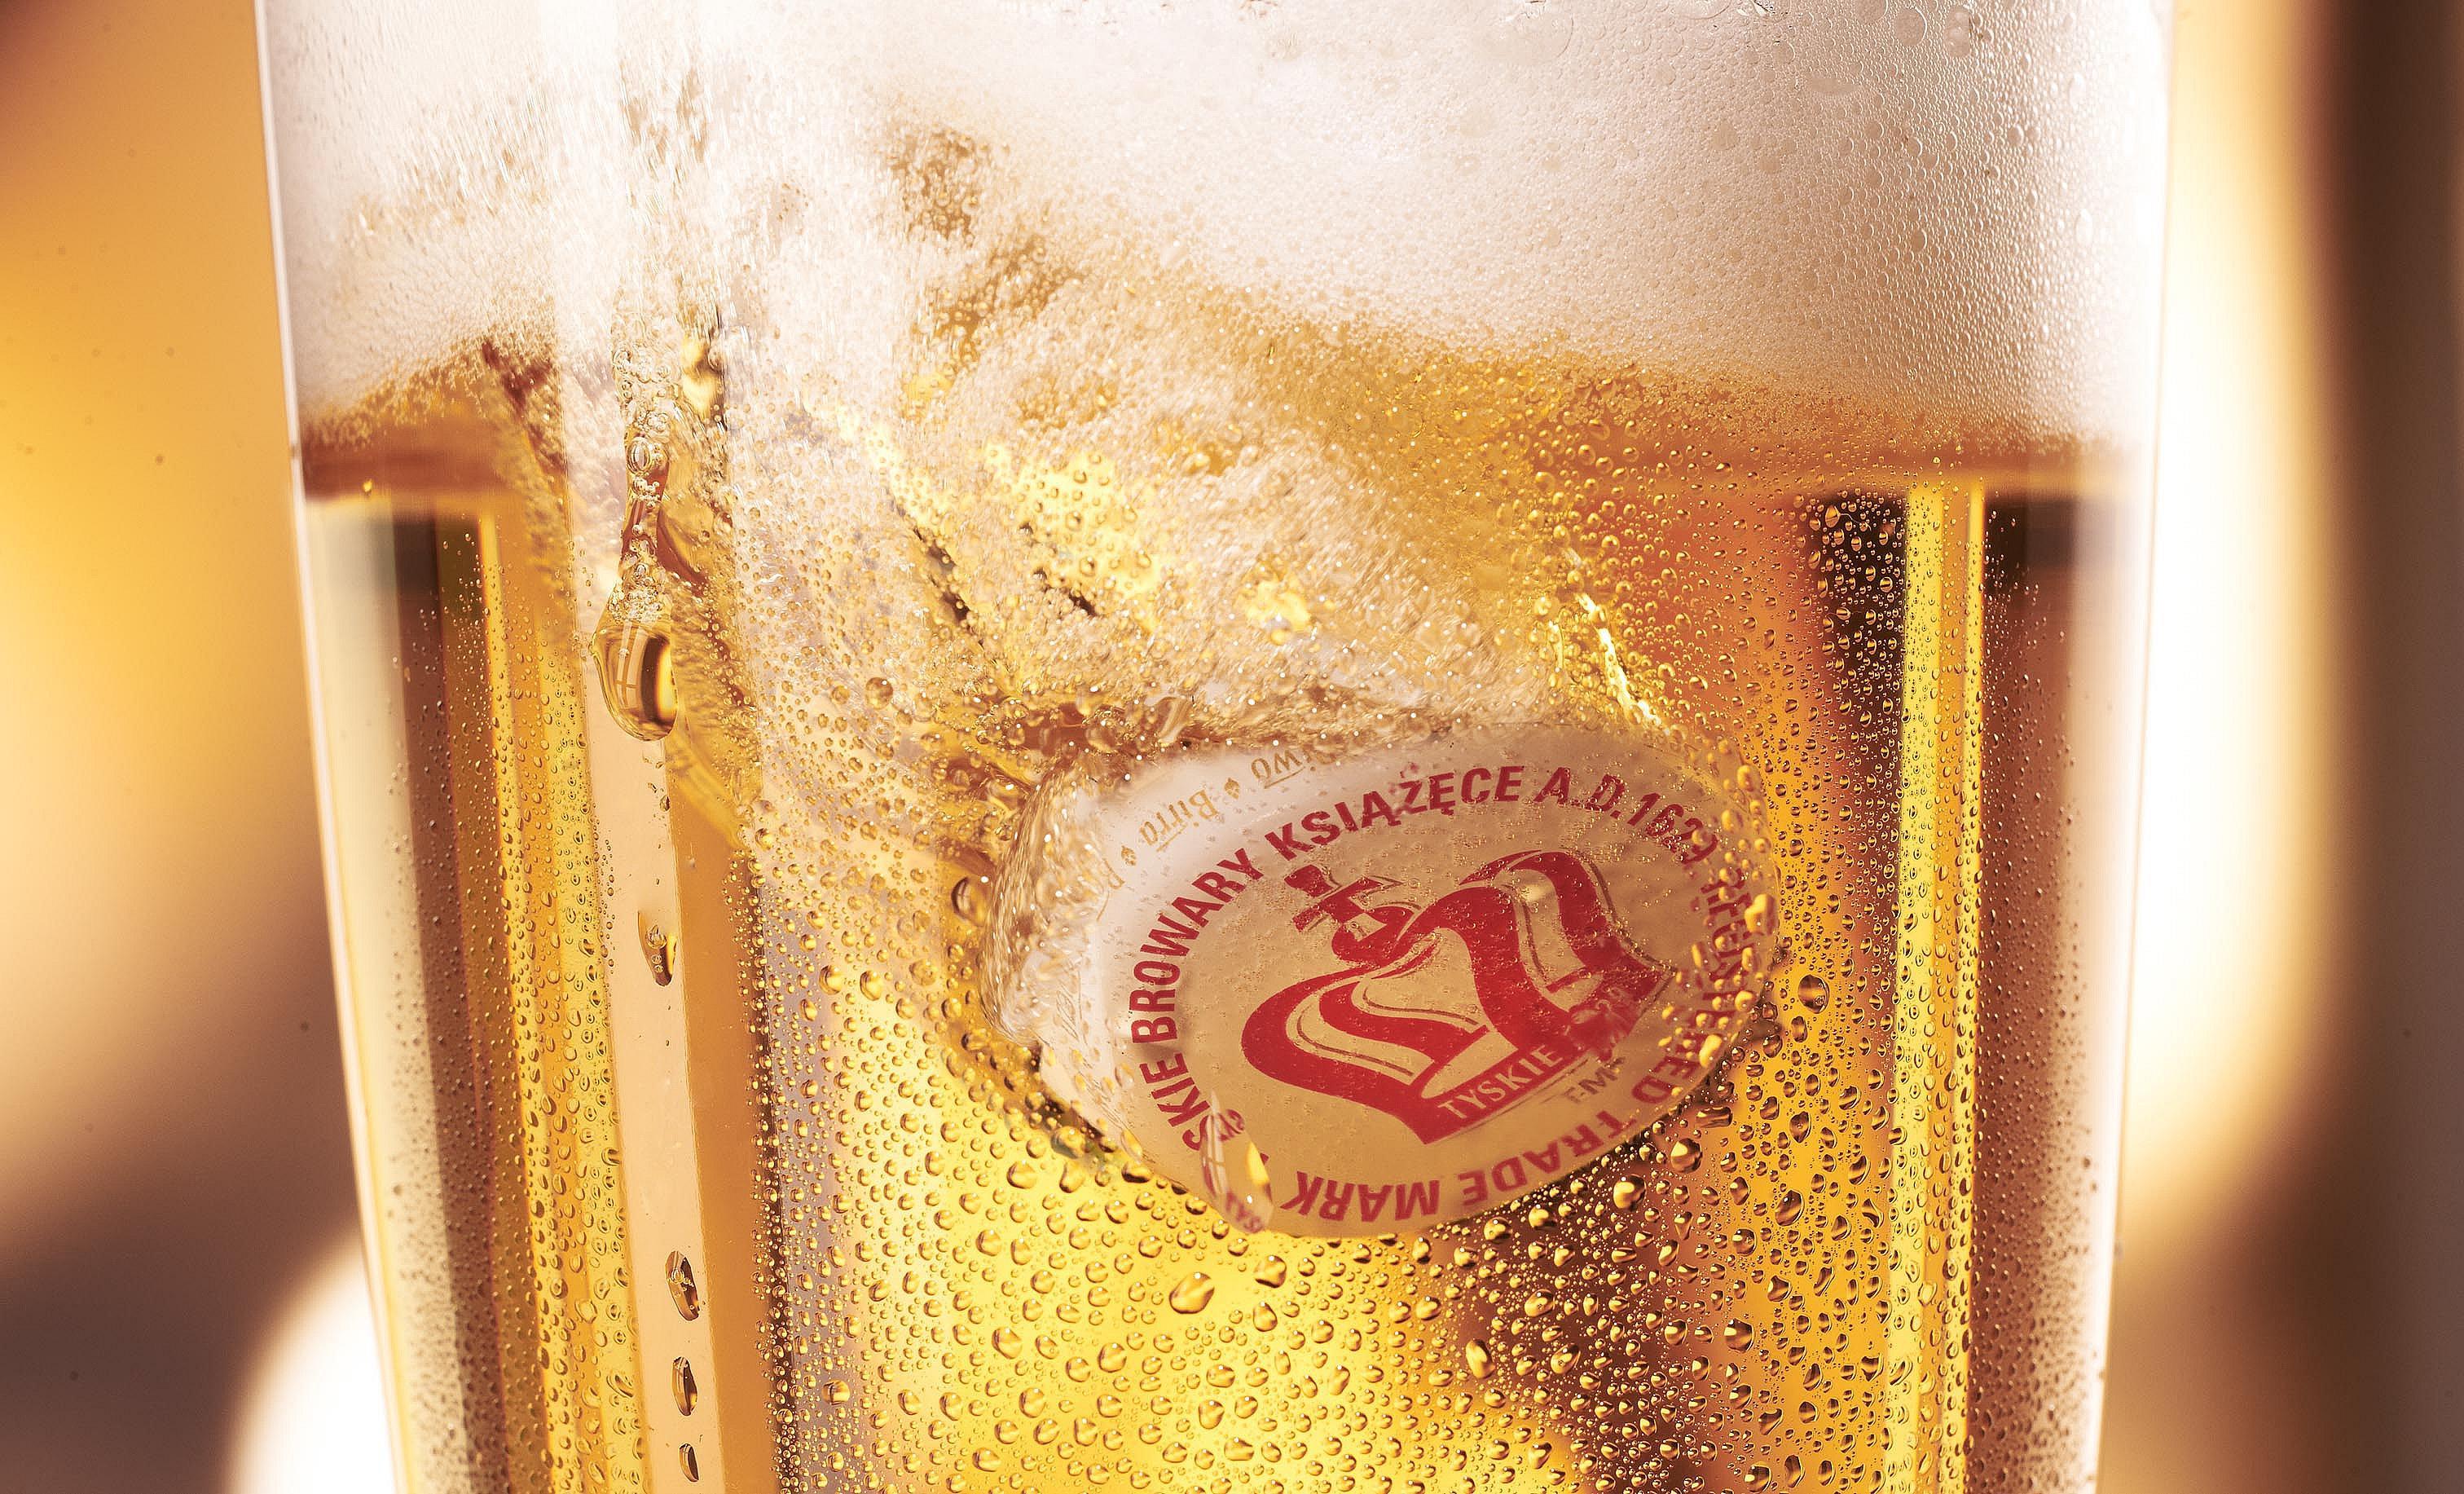 Kronkorken taucht in ein Bierglas ein